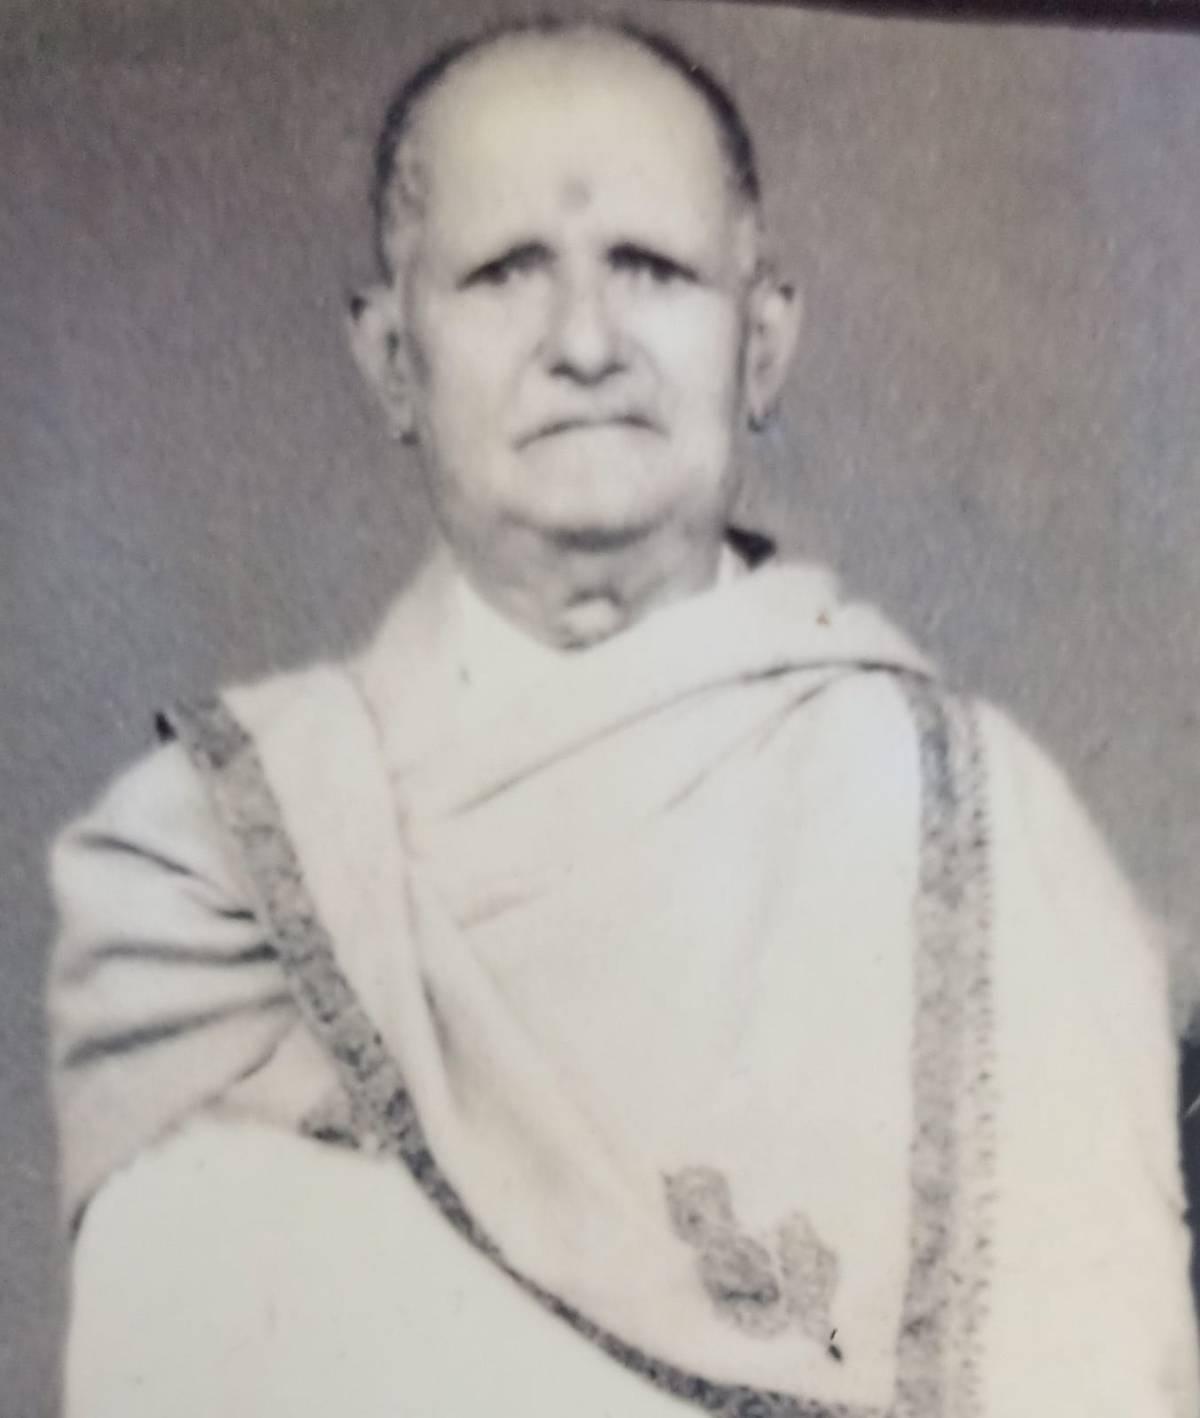 ಹರಿಕಥಾ ಸಾಮ್ರಾಟ ಗಮಕಿ ಬಾಳಗಂಚಿನಂಜುಂಡಯ್ಯನವರು